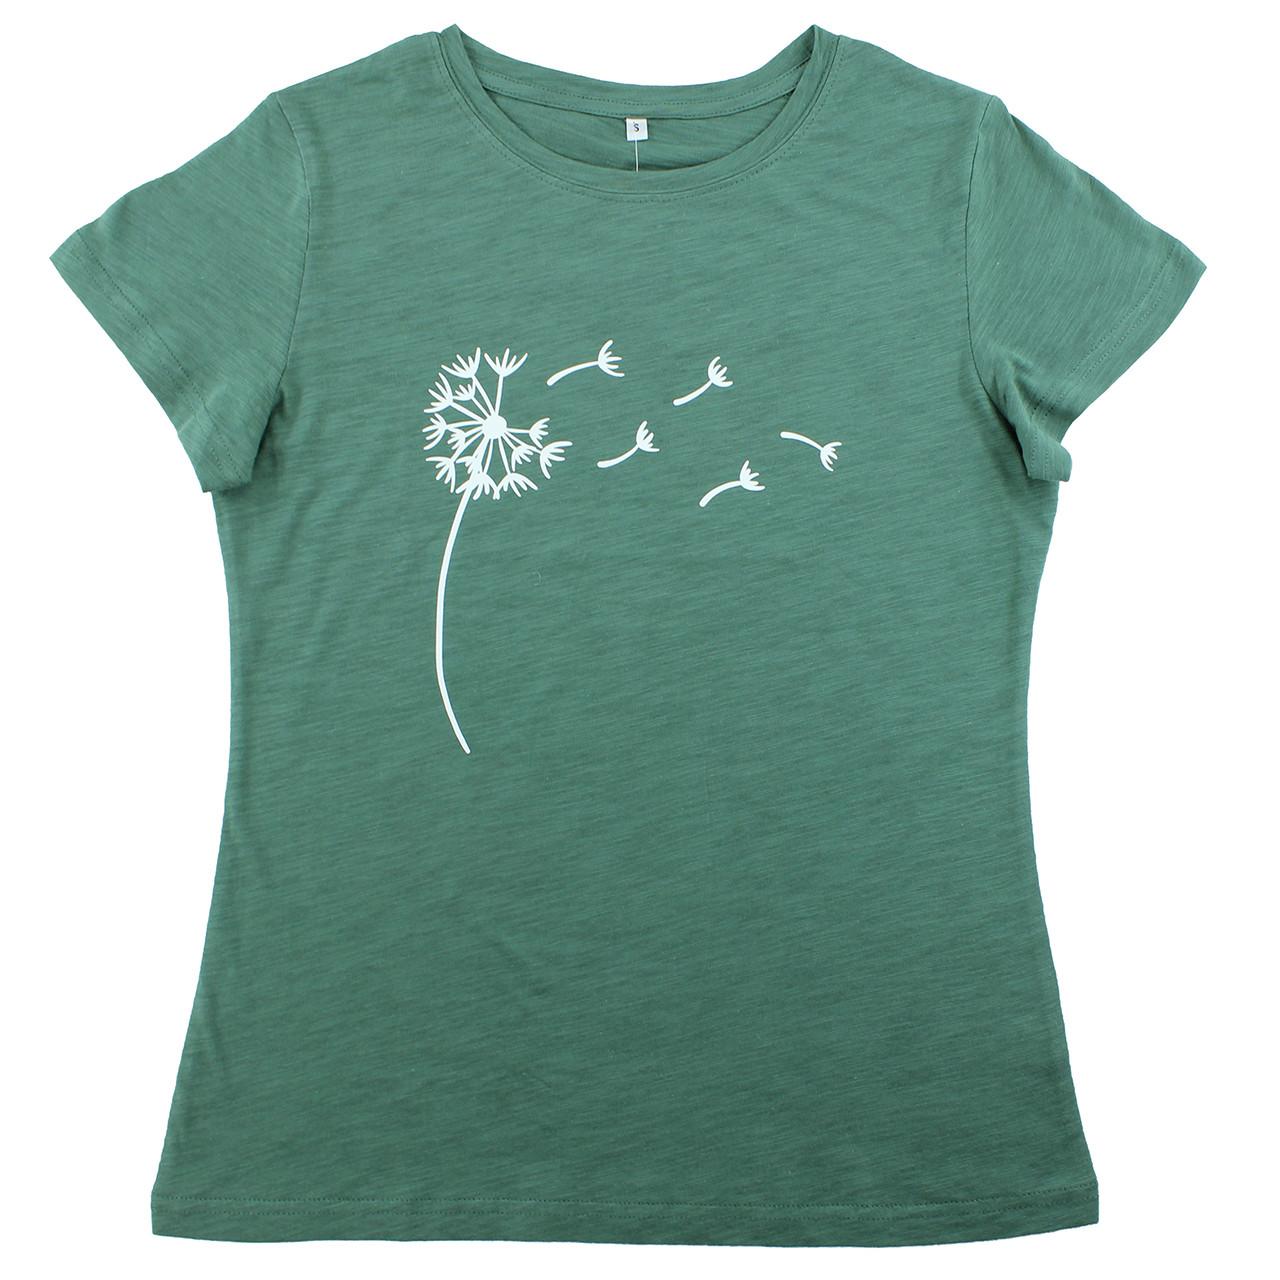 Жіноча футболка з принтом кульбаби бавовняна модна футболка річна зелена Кульбаба